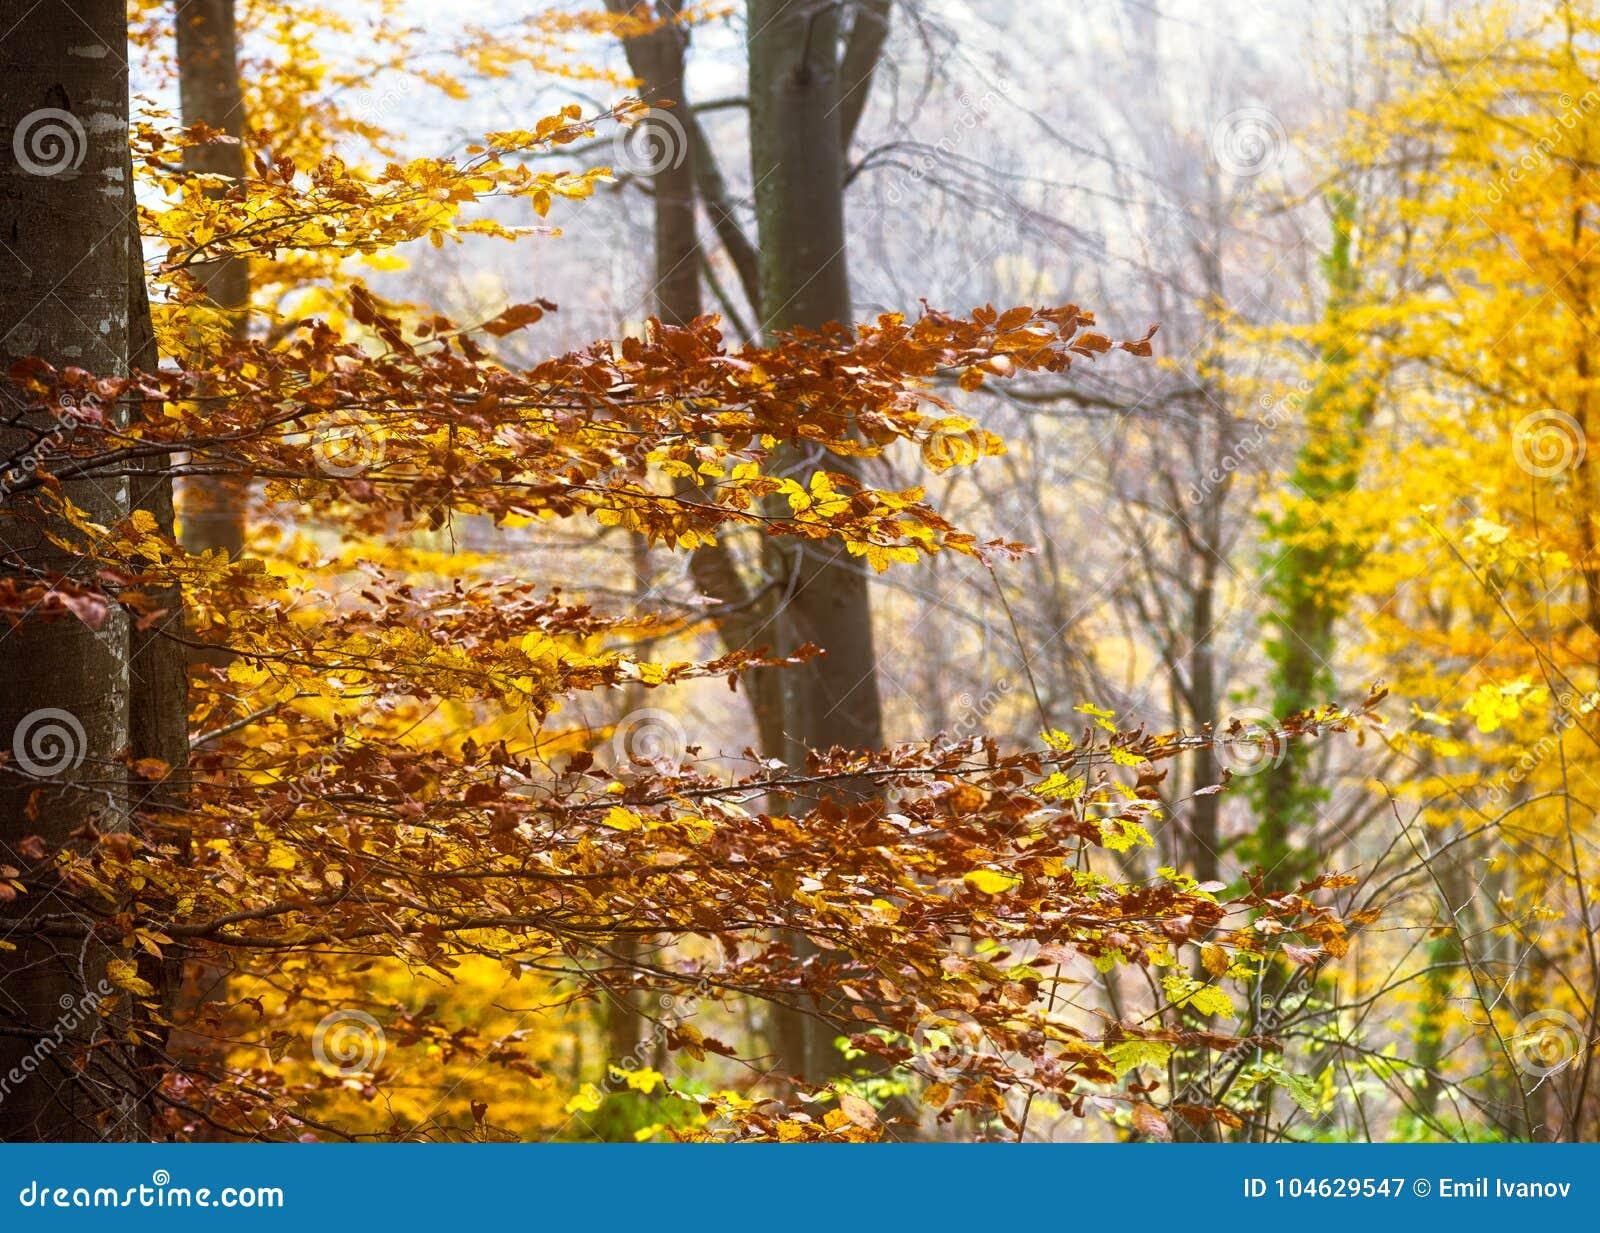 Download Mystiek bos in de herfst stock afbeelding. Afbeelding bestaande uit outdoors - 104629547